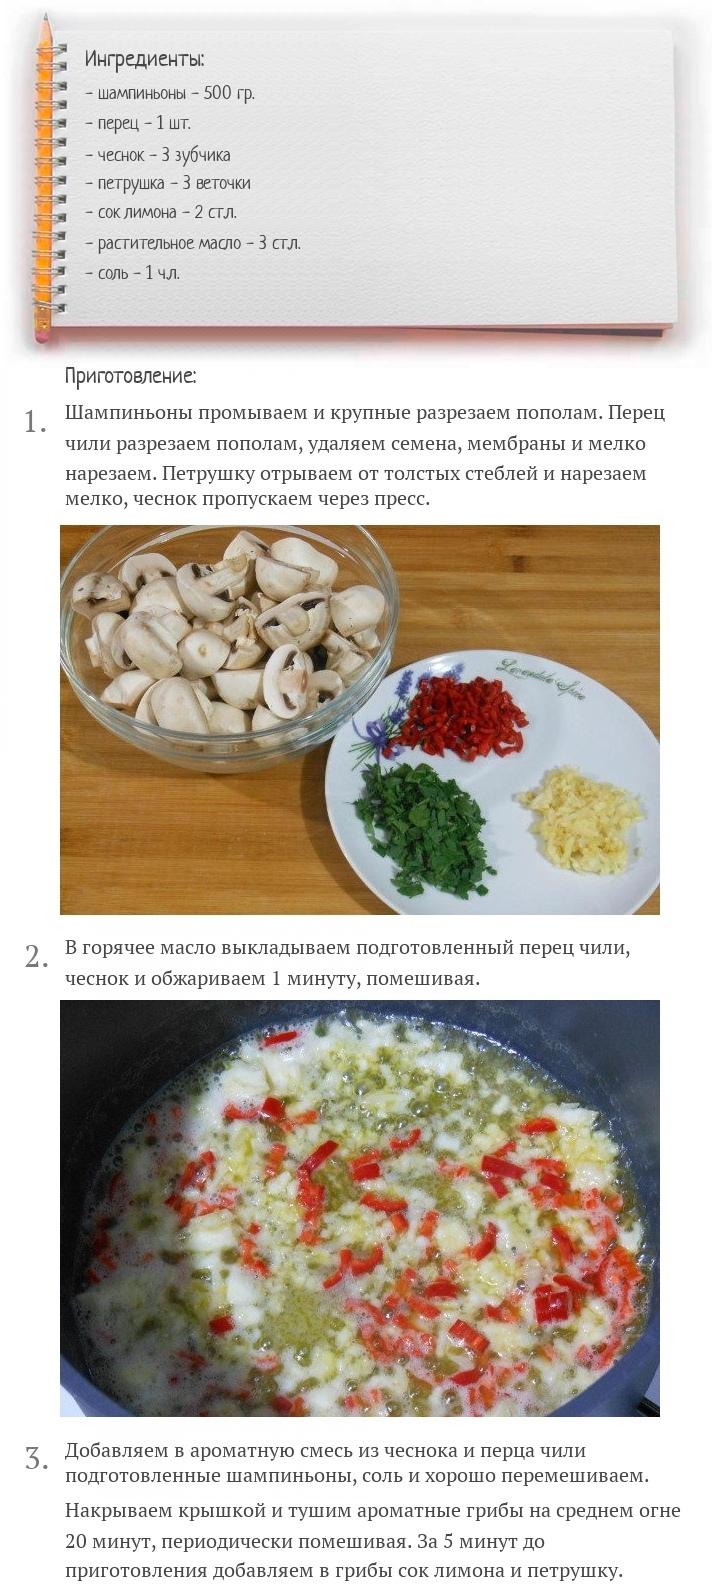 Тушеные грибы с чесноком и перцем чили, изображение №2